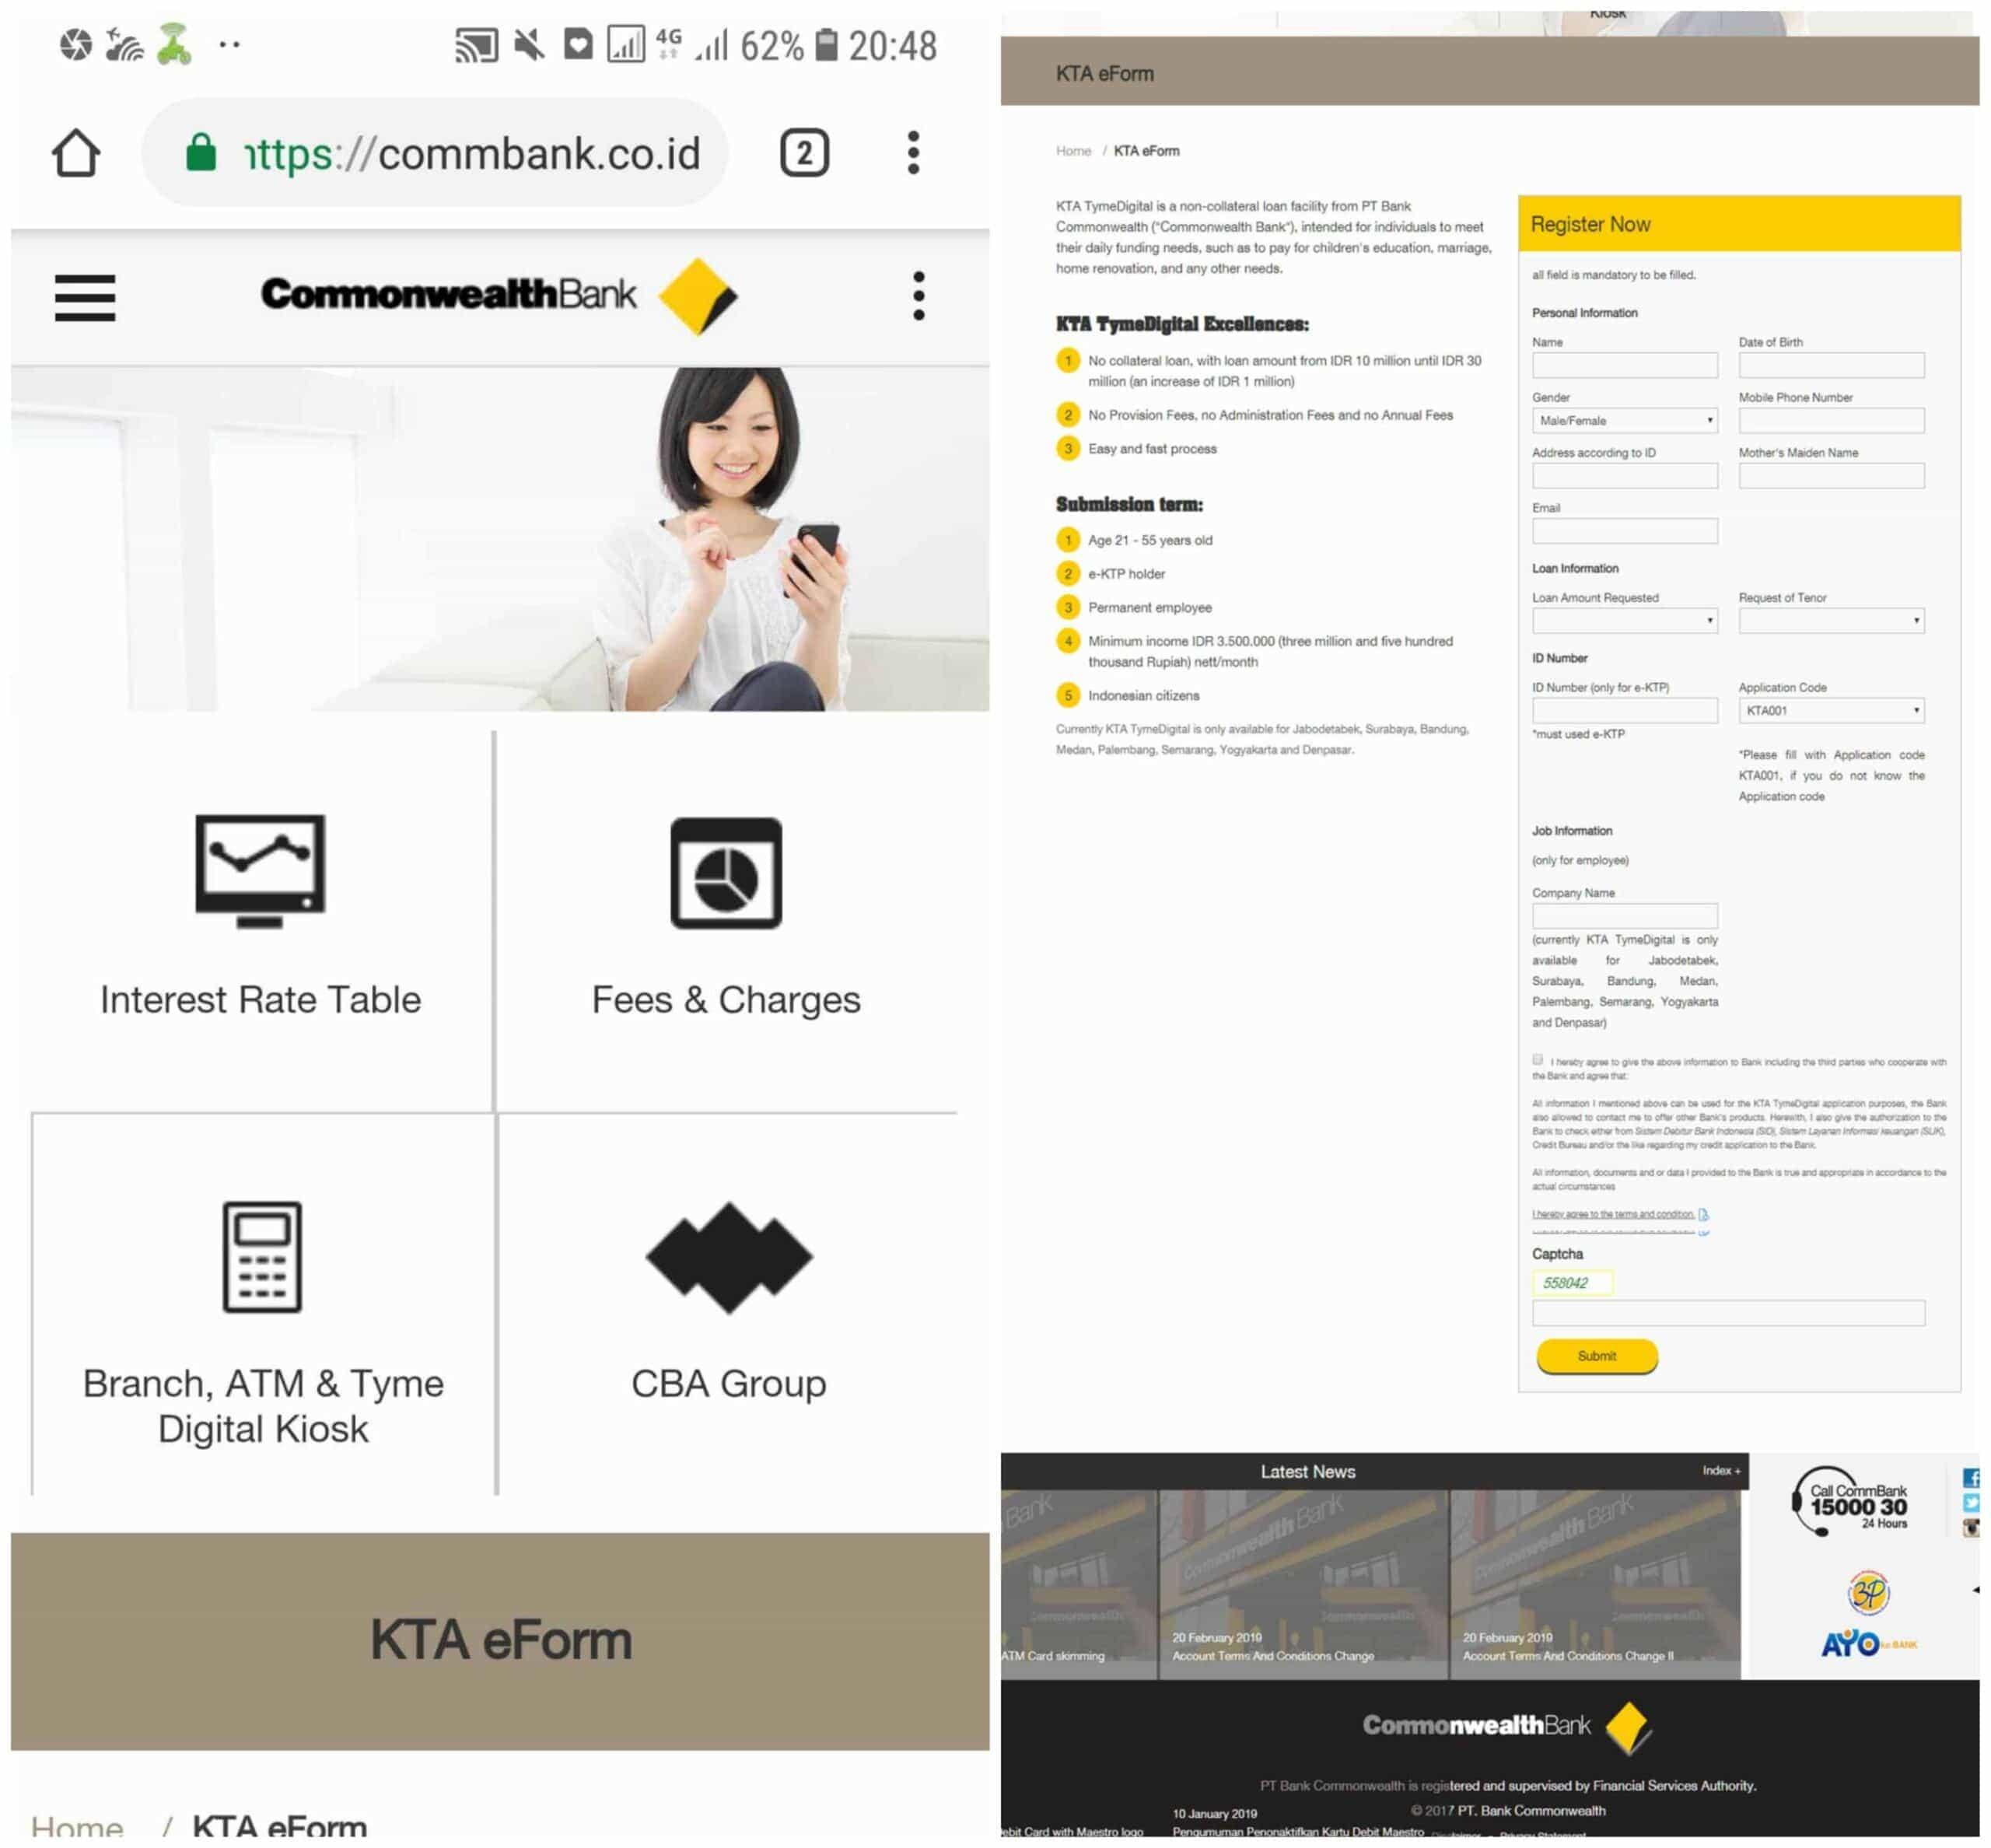 Pinjaman KTA Online Commbank